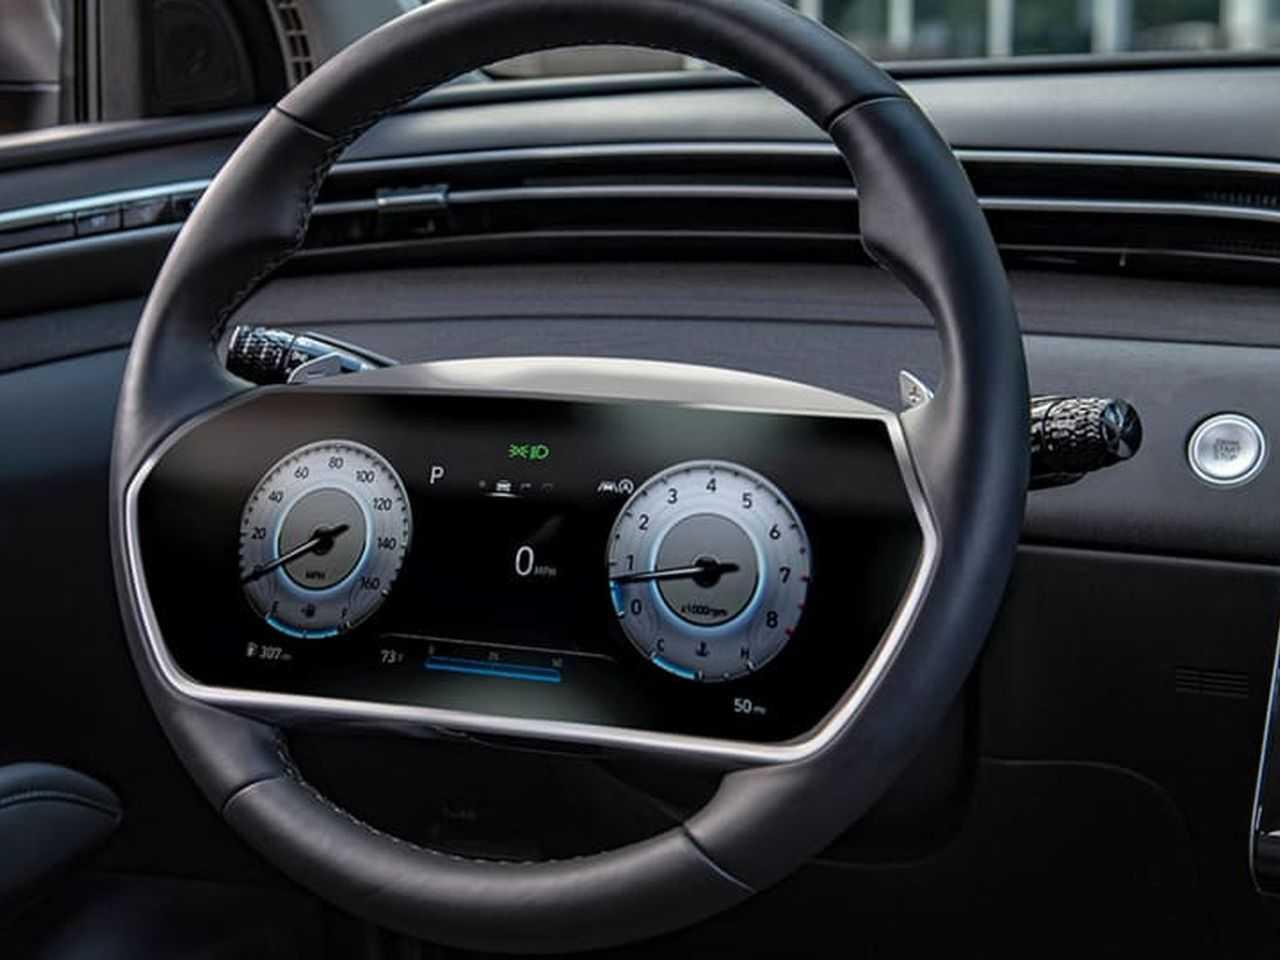 Patente da Hyundai revela projeto de volante com painel de instrumentos